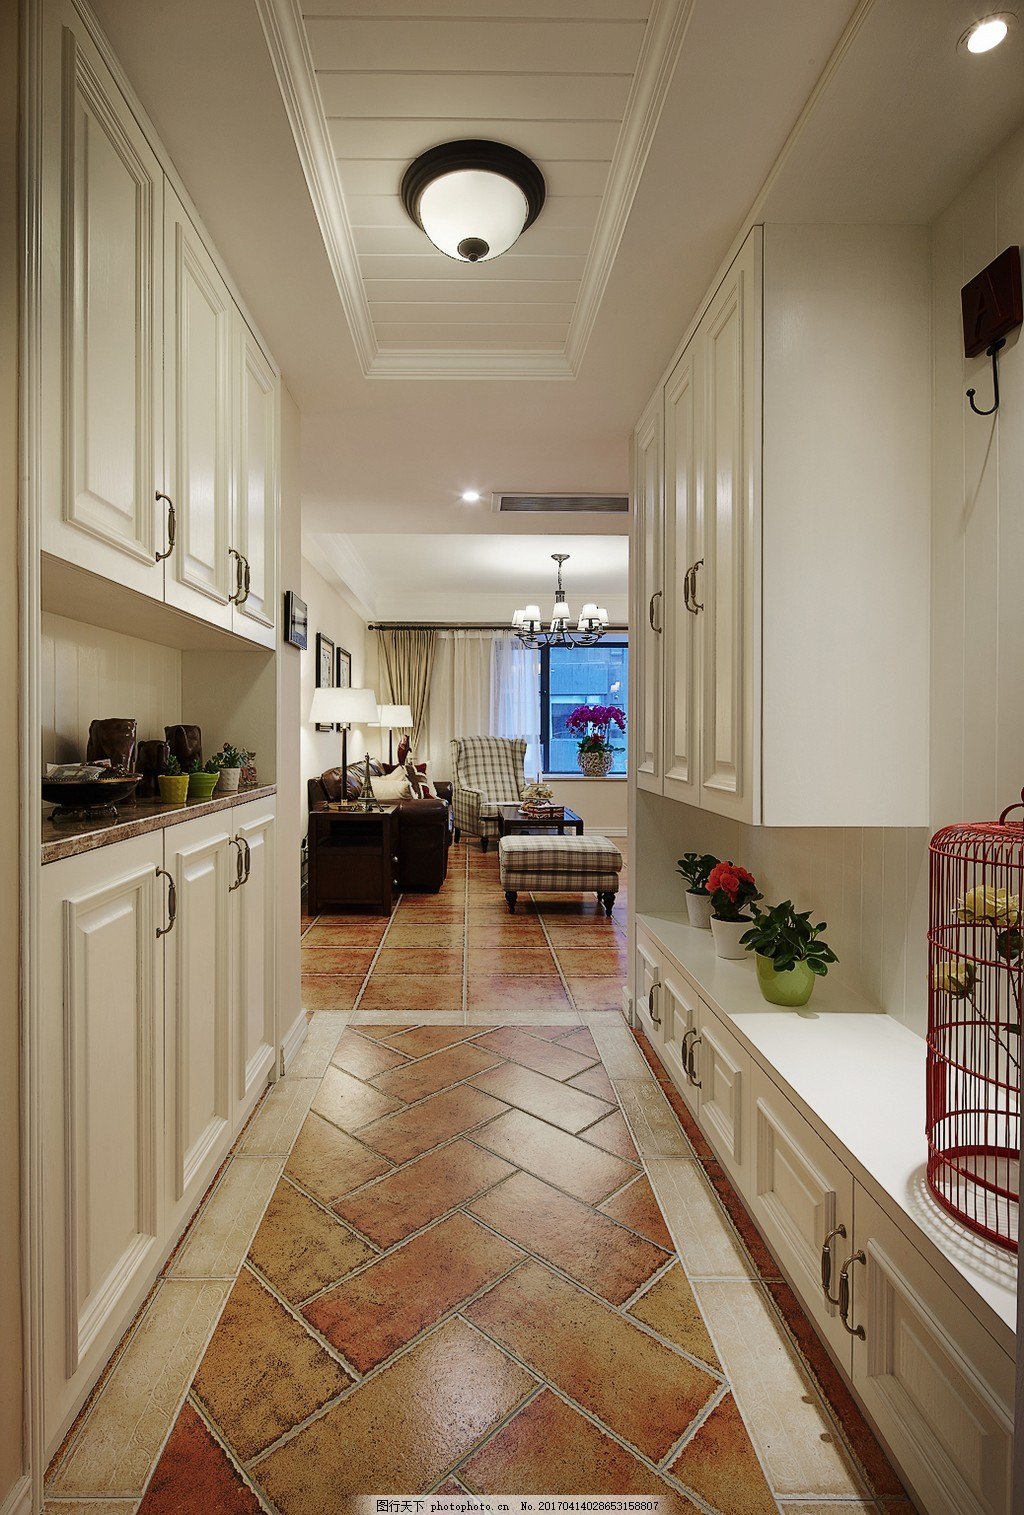 美式厨房柜子设计图 家居 家居生活 室内设计 装修 家具 装修设计图片